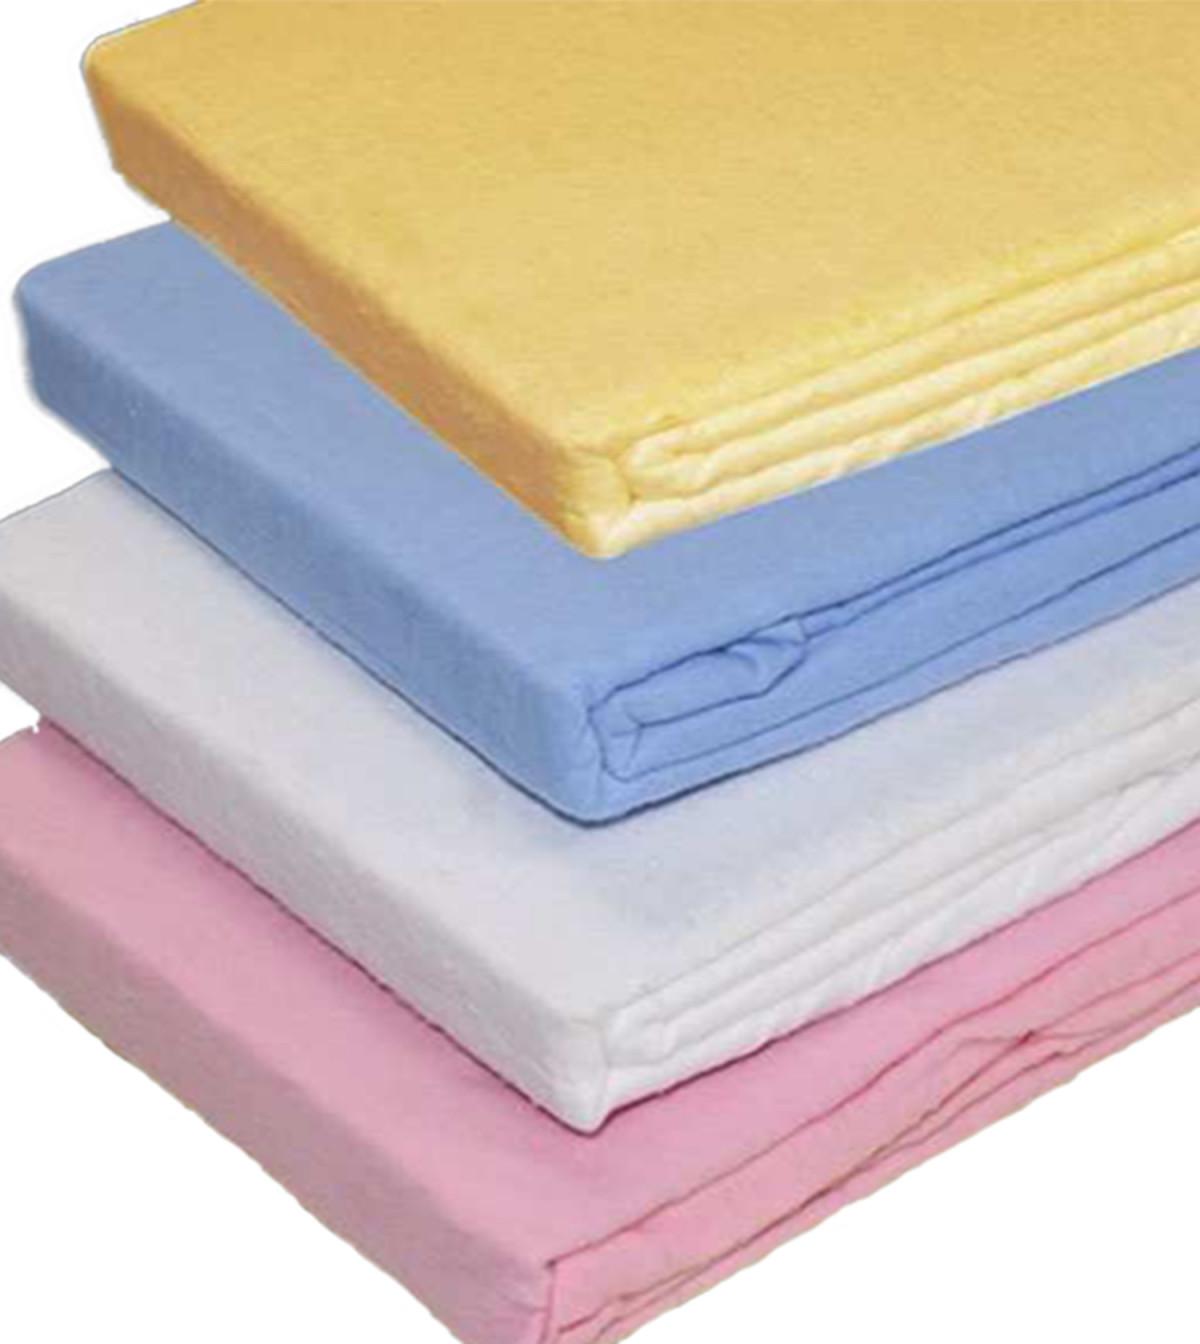 Kinder Renorce Spannbettlaken 70x140 In 4 Farben Schlafstättede